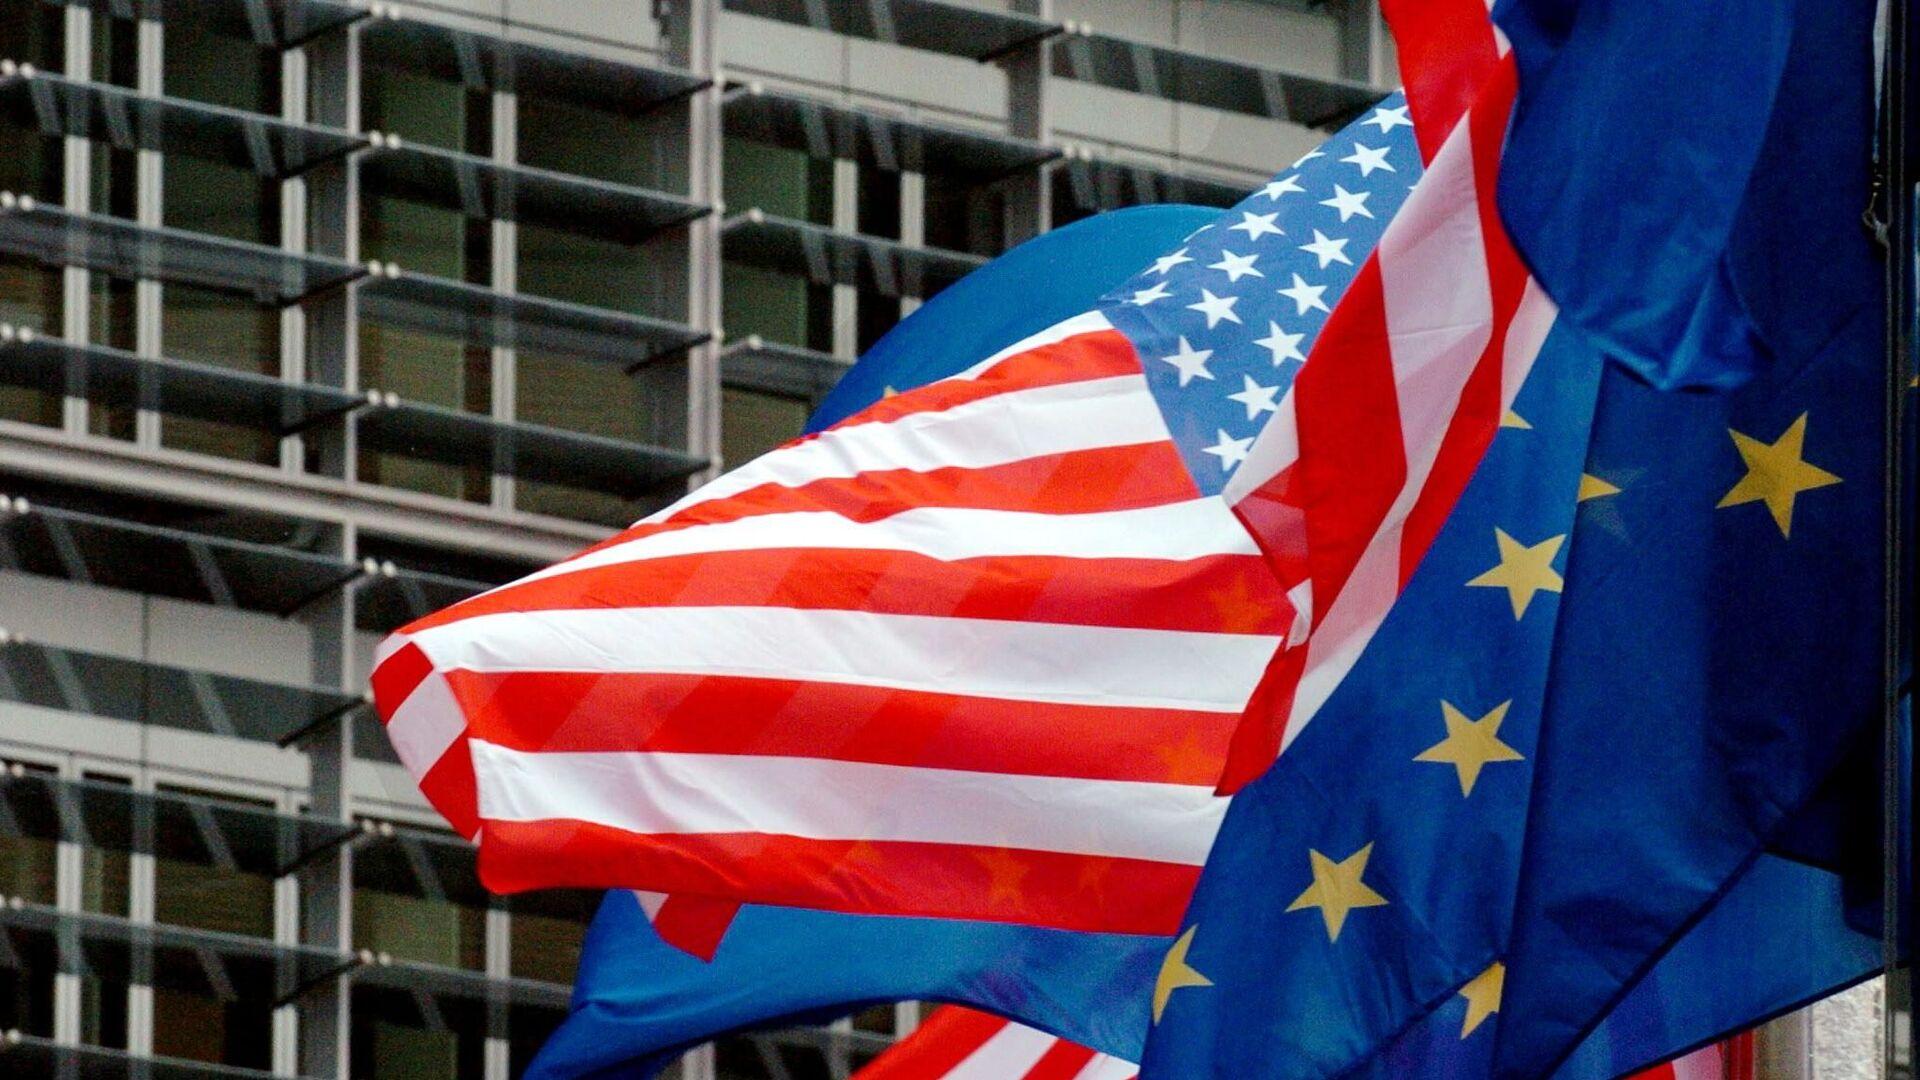 Flagi USA i UE przed siedzibą Komisji Europejskiej w Brukseli  - Sputnik Polska, 1920, 21.09.2021